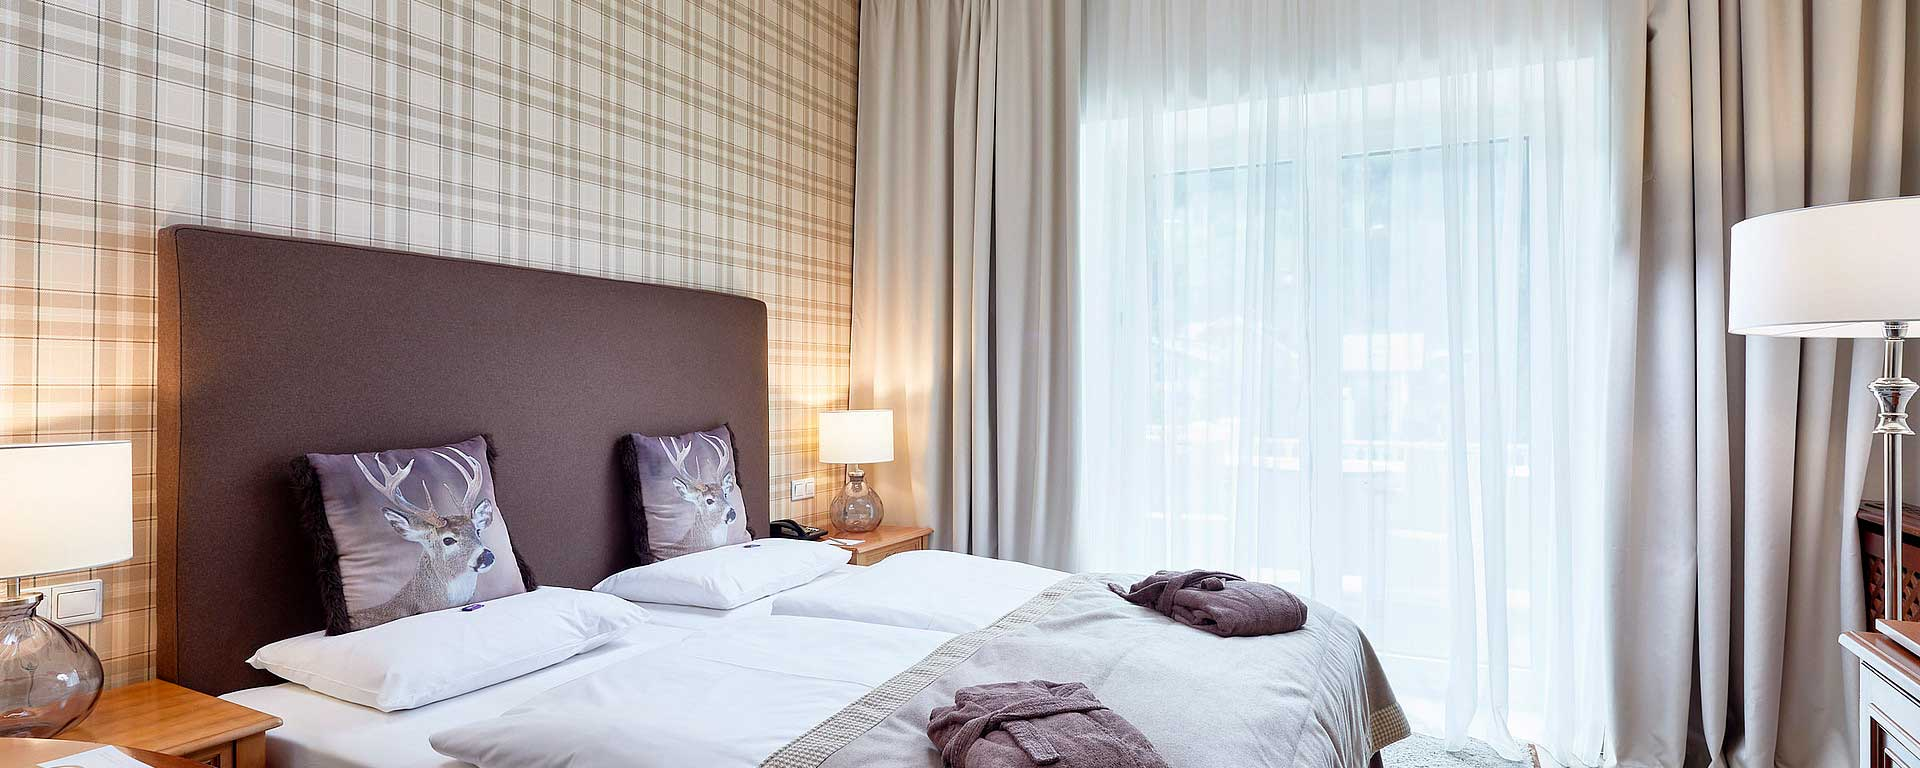 Ремонт спальни 10 кв. м.